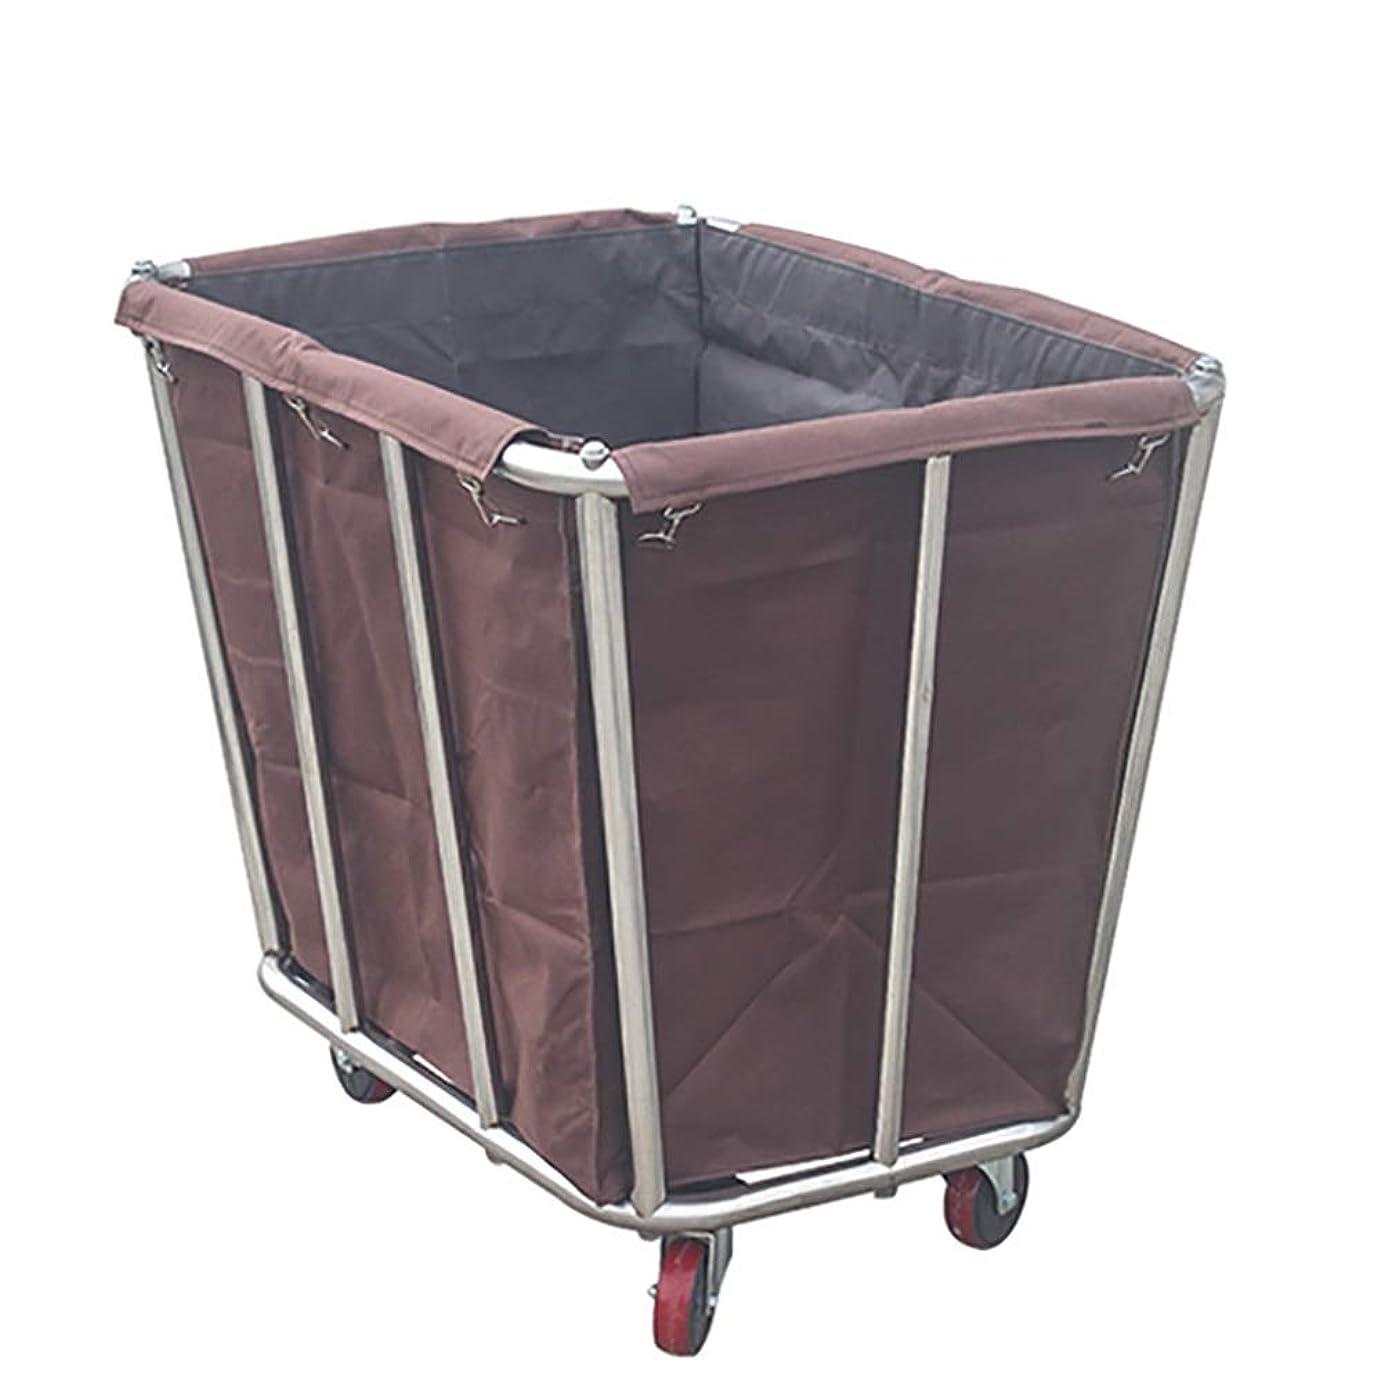 思われる三正しいホテルの洗濯の選別機のカート、リネンカーバッグおよび圧延車輪が付いている多目的のクリーニングのトロリー、ステンレス鋼ブラケット (Color : Brown)